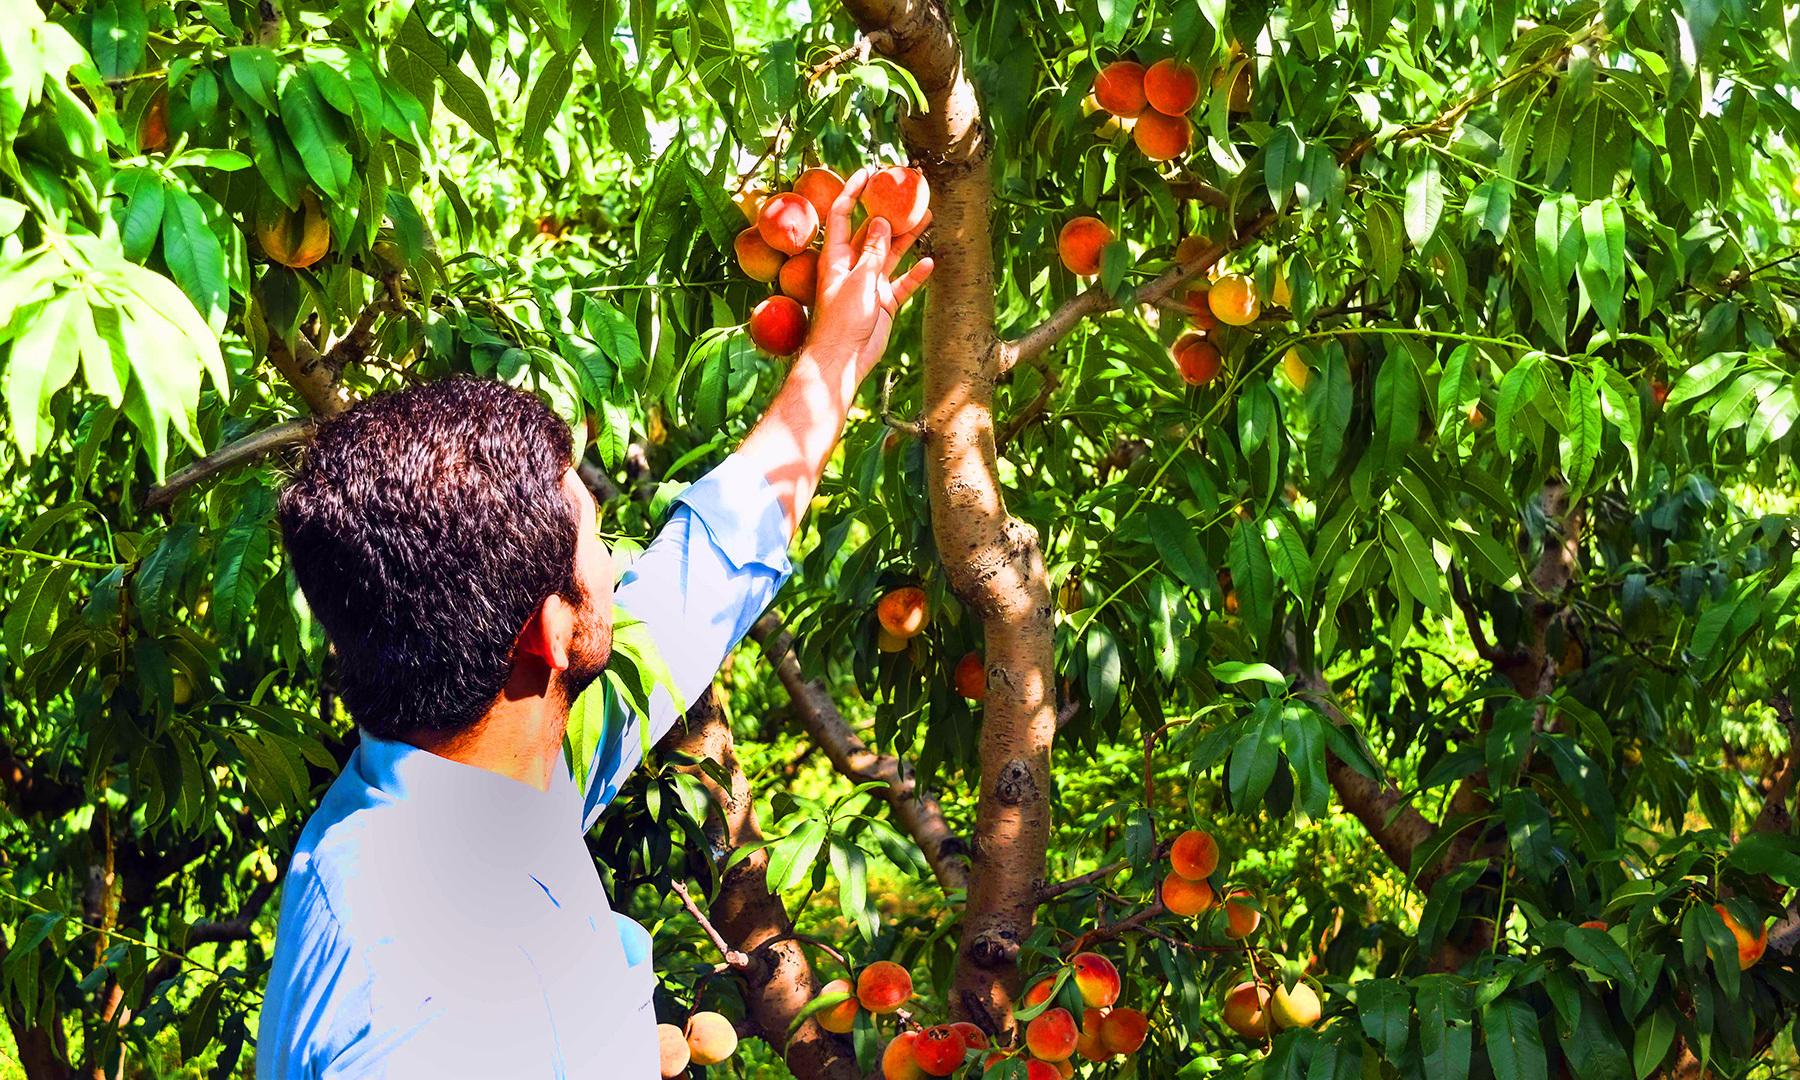 خریدار پھل کو جانچ رہا ہے — تصویر امجد علی سحاب